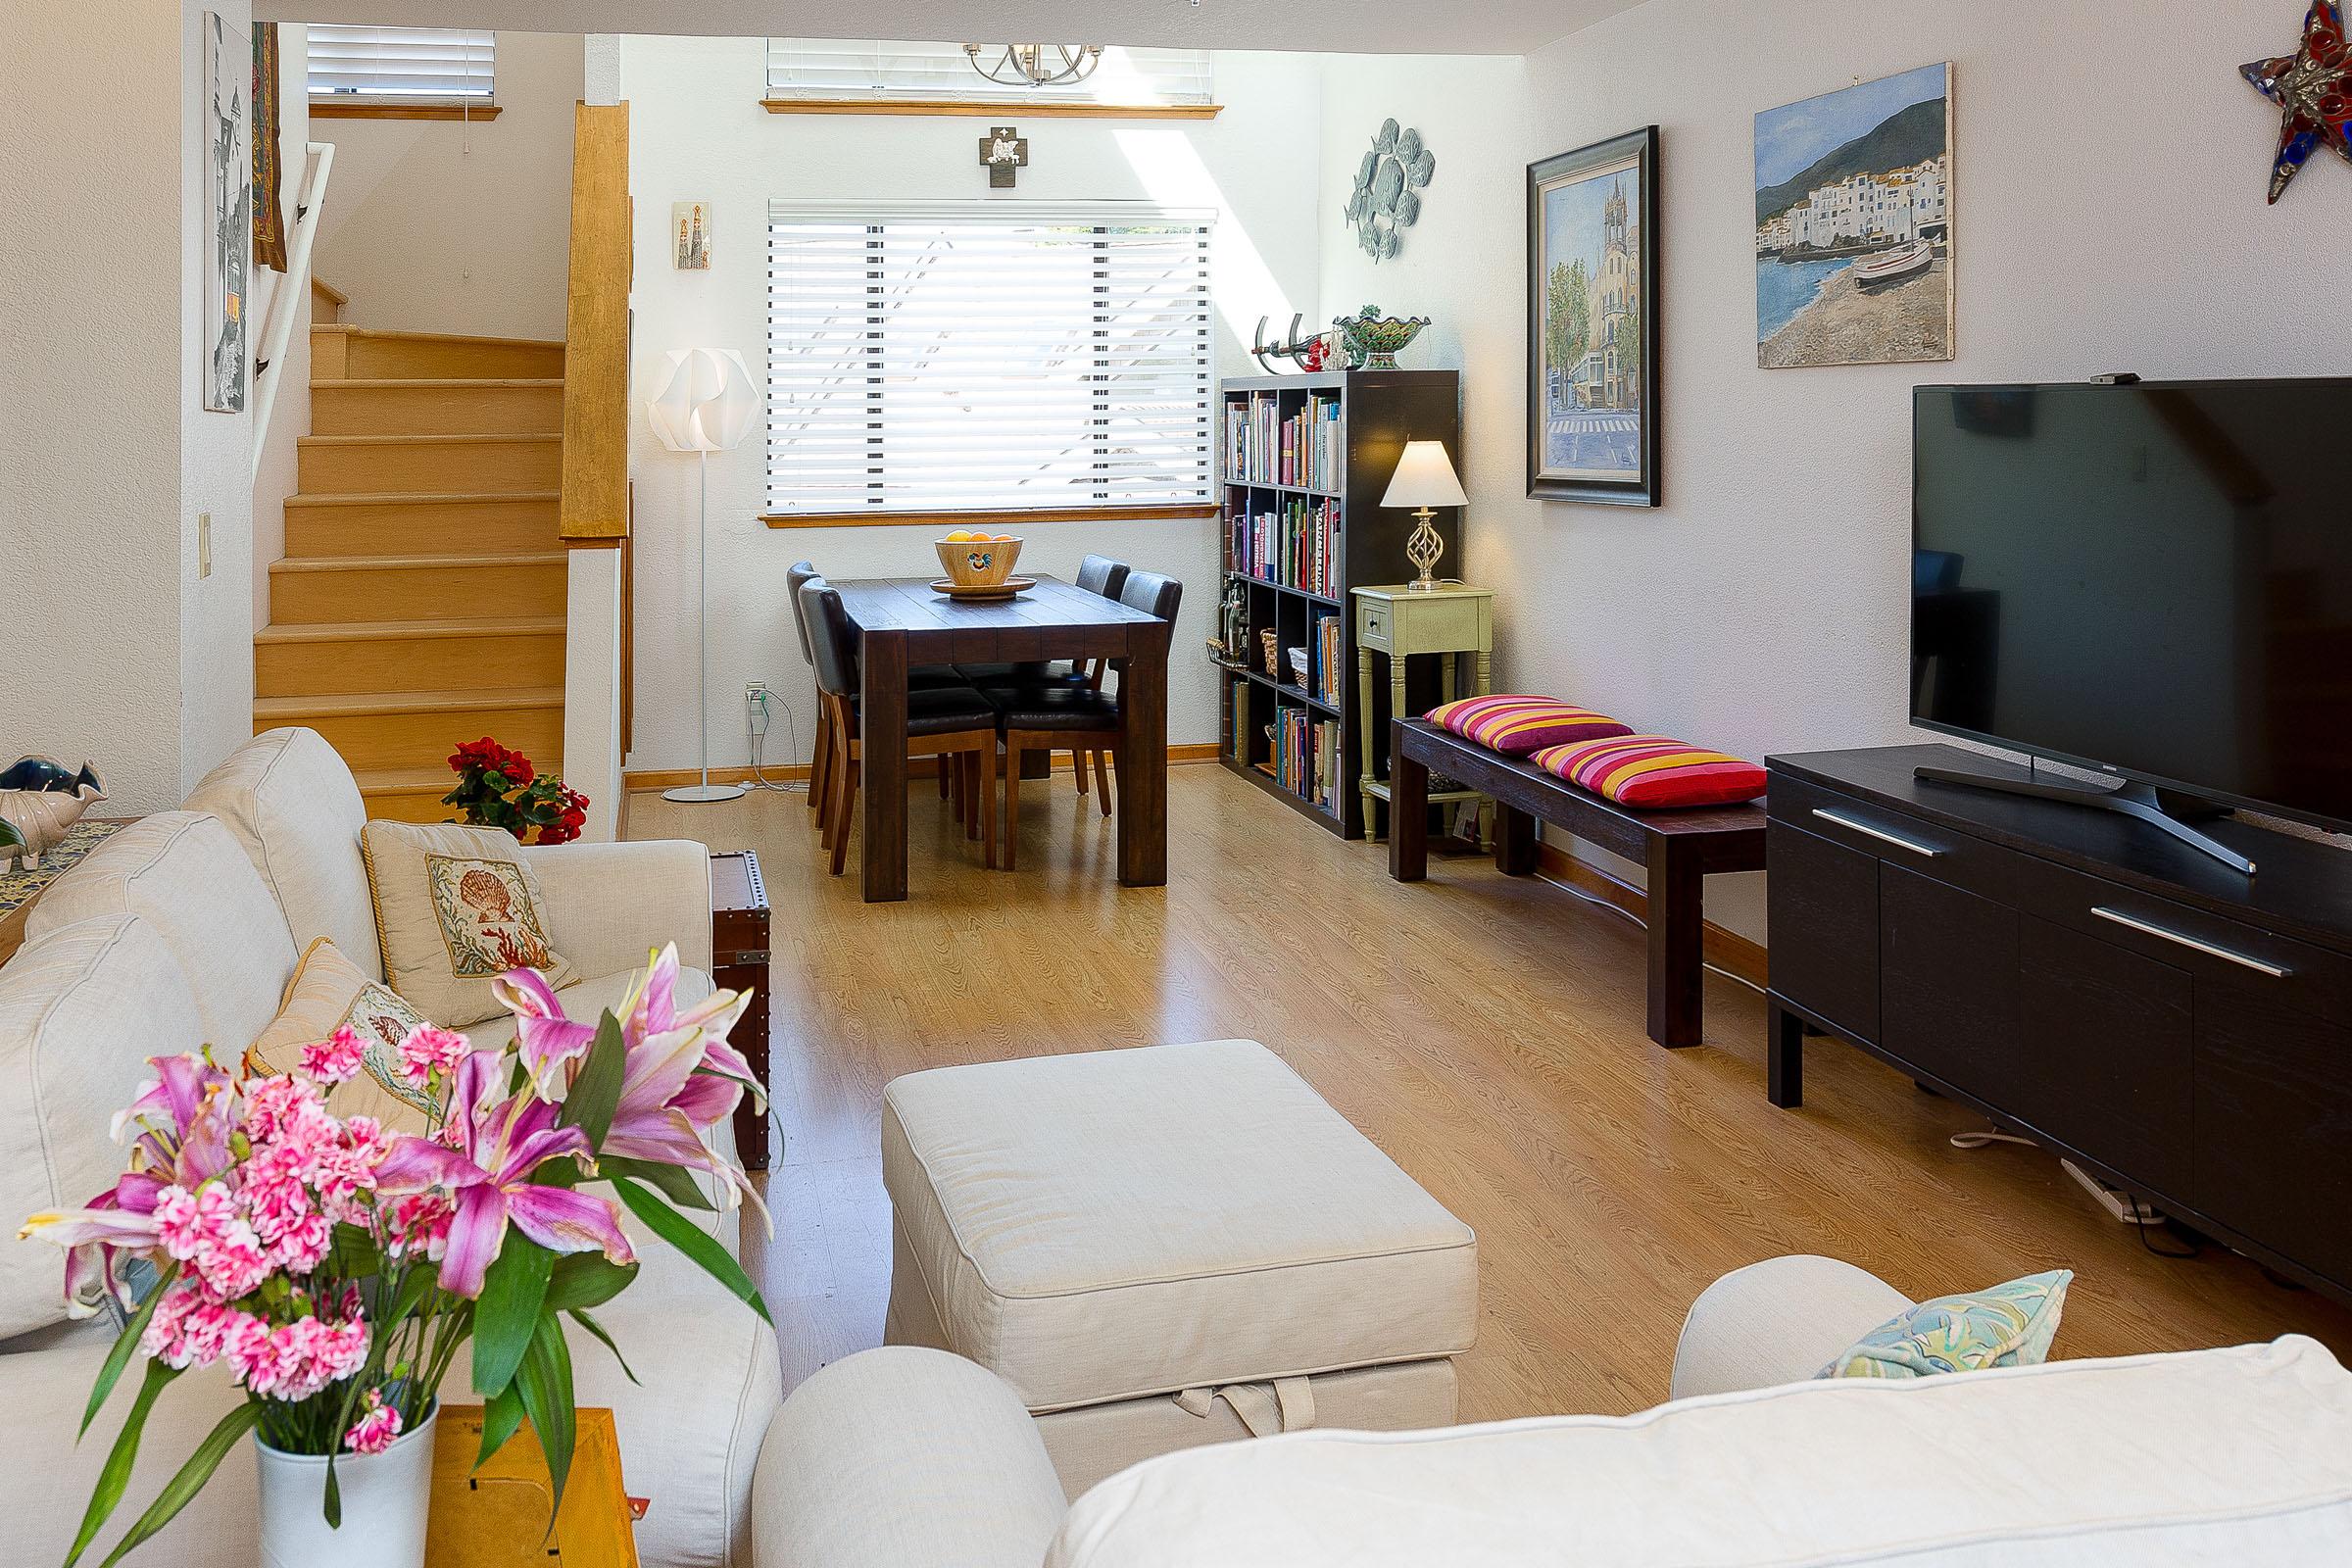 Large Home 2 Bedroom Chef's Kitchen & Detached Garage